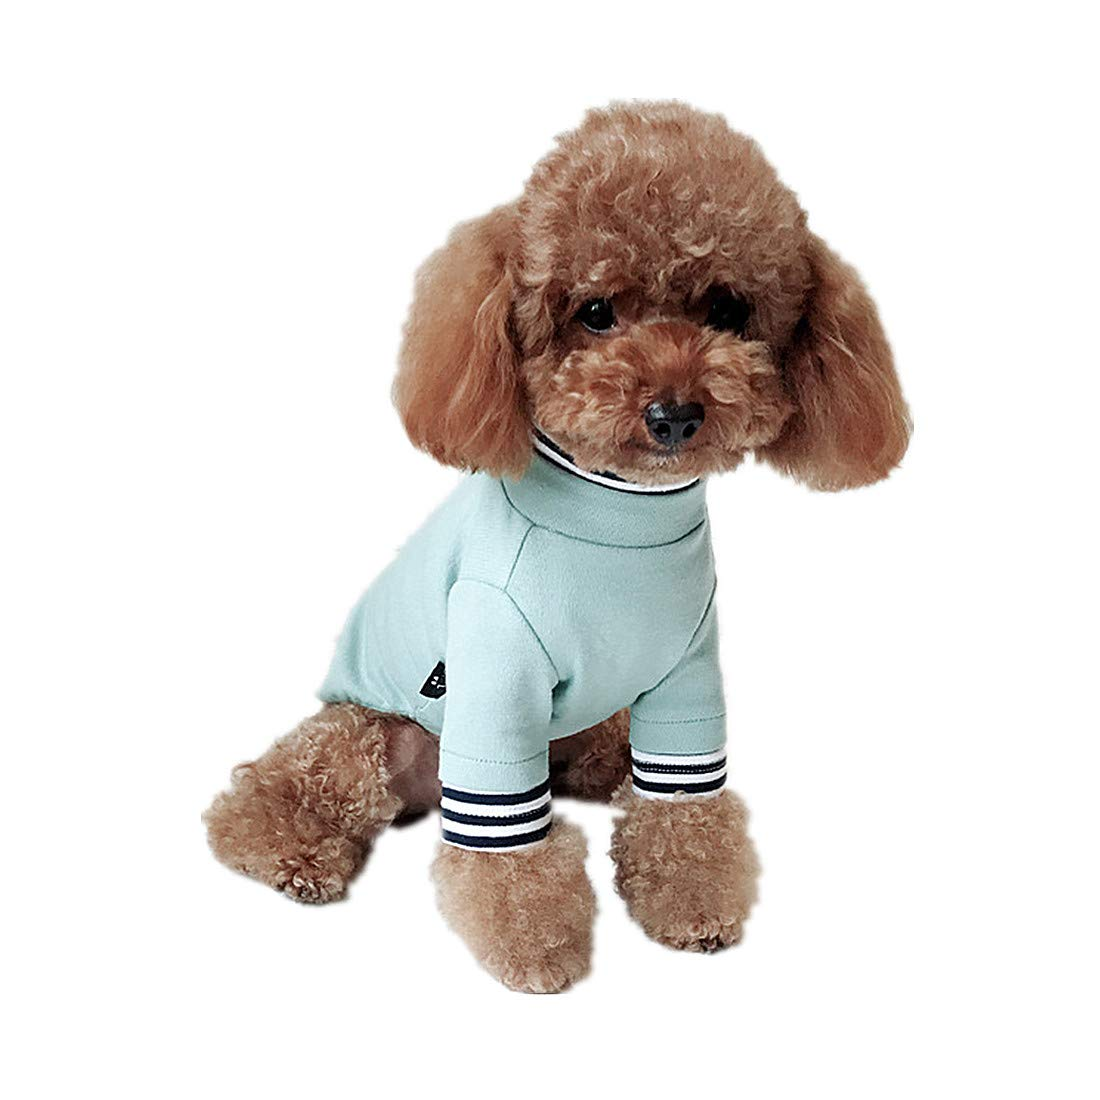 PZSSXDZW Vestiti per Cani Teddy Vestiti Vestiti dellanimale Domestico Vestiti per Cani Piccoli Vestiti Bomei Vestiti a Due Gambe Pink Small